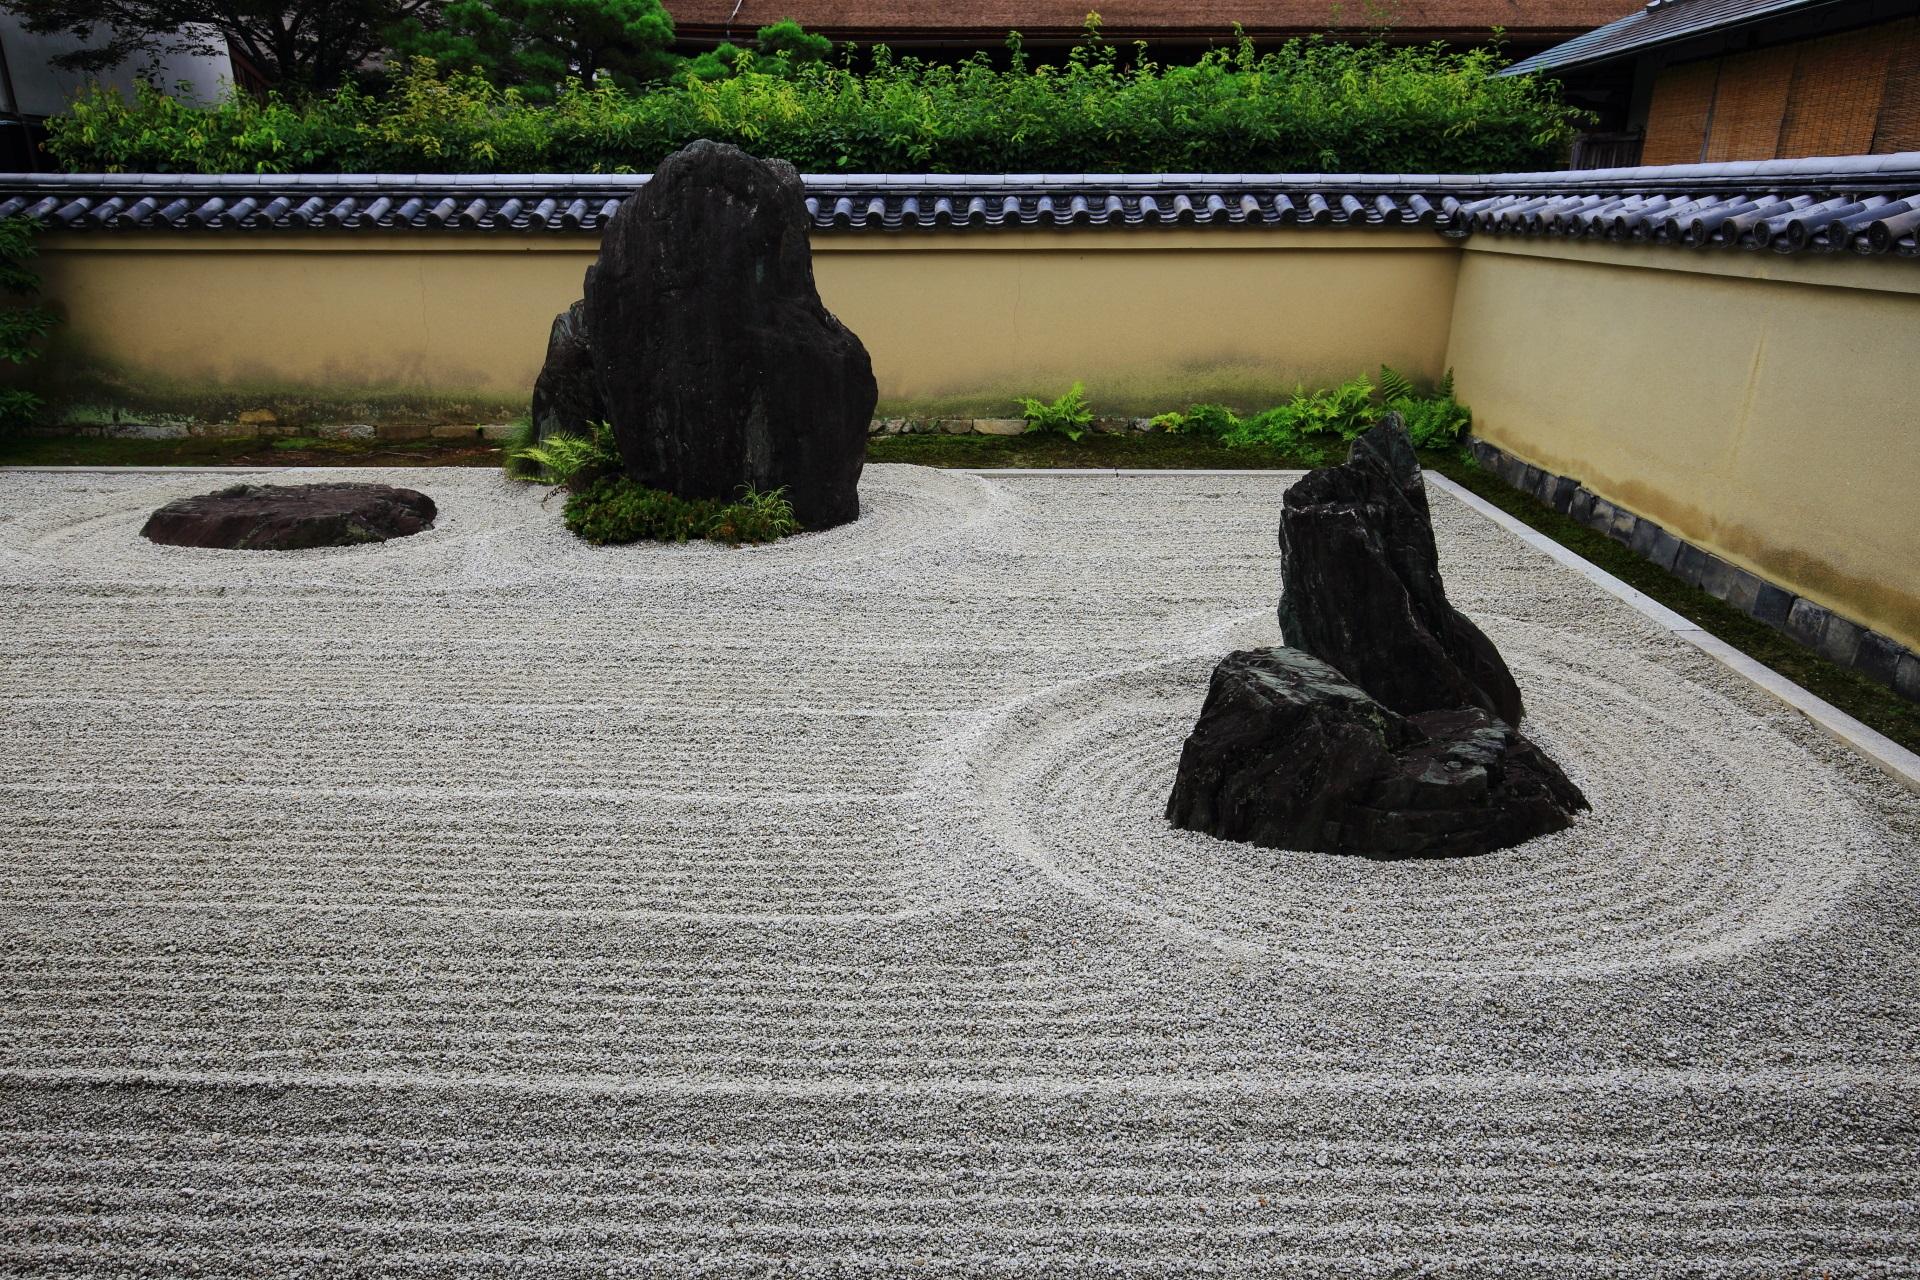 中央の力強い岩は蓬莱山を現し右の石組みは鶴島を現す龍源院方丈前庭園